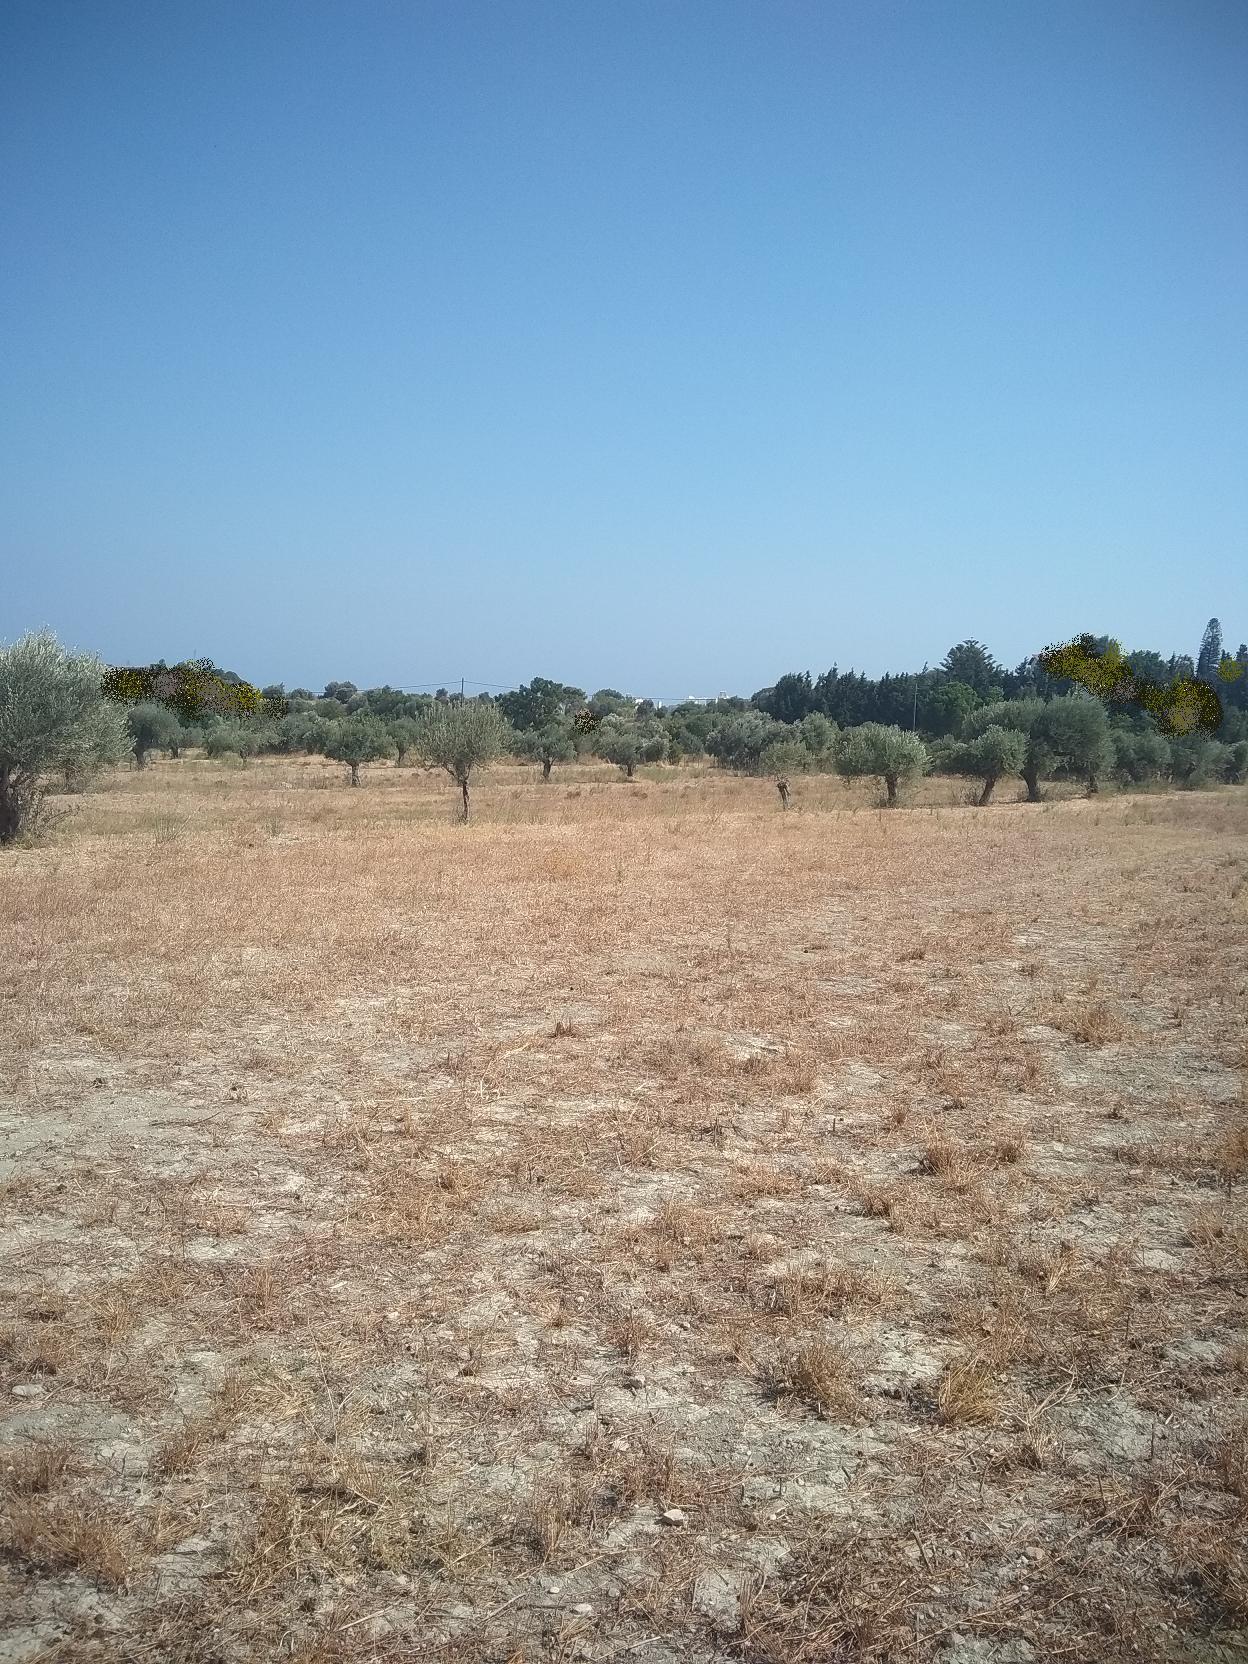 Προνομιούχο οικόπεδο στους πρόποδες της Φιλερήμου,Ρόδος, OIK-847483